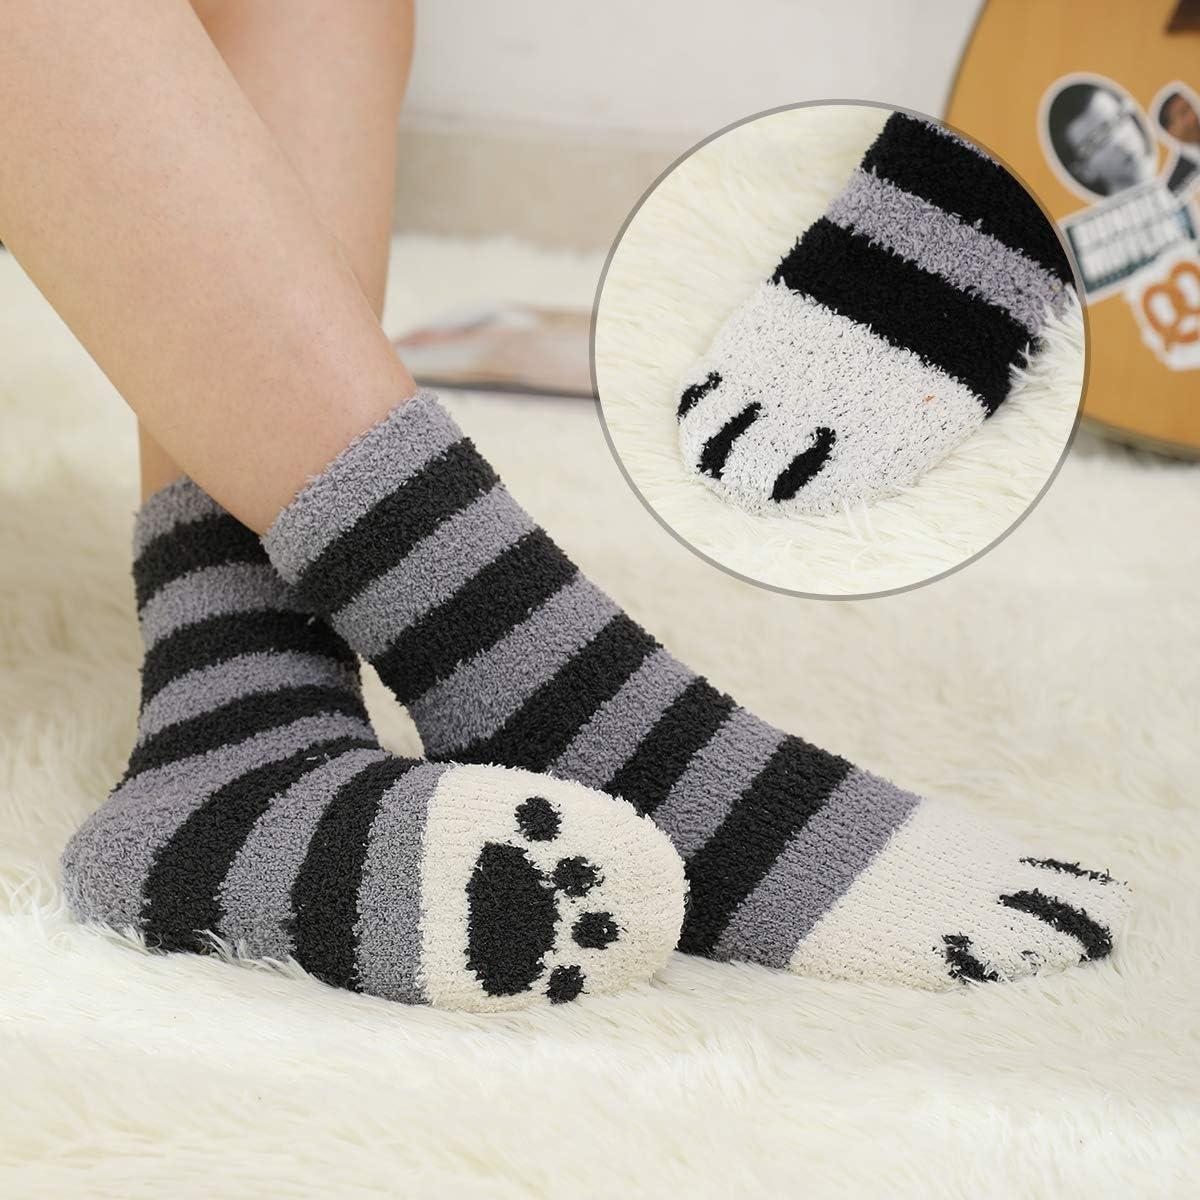 HapiLeap 5 paia di calzini da donna super morbidi in microfibra fuzzy pantofola calzini invernali caldi